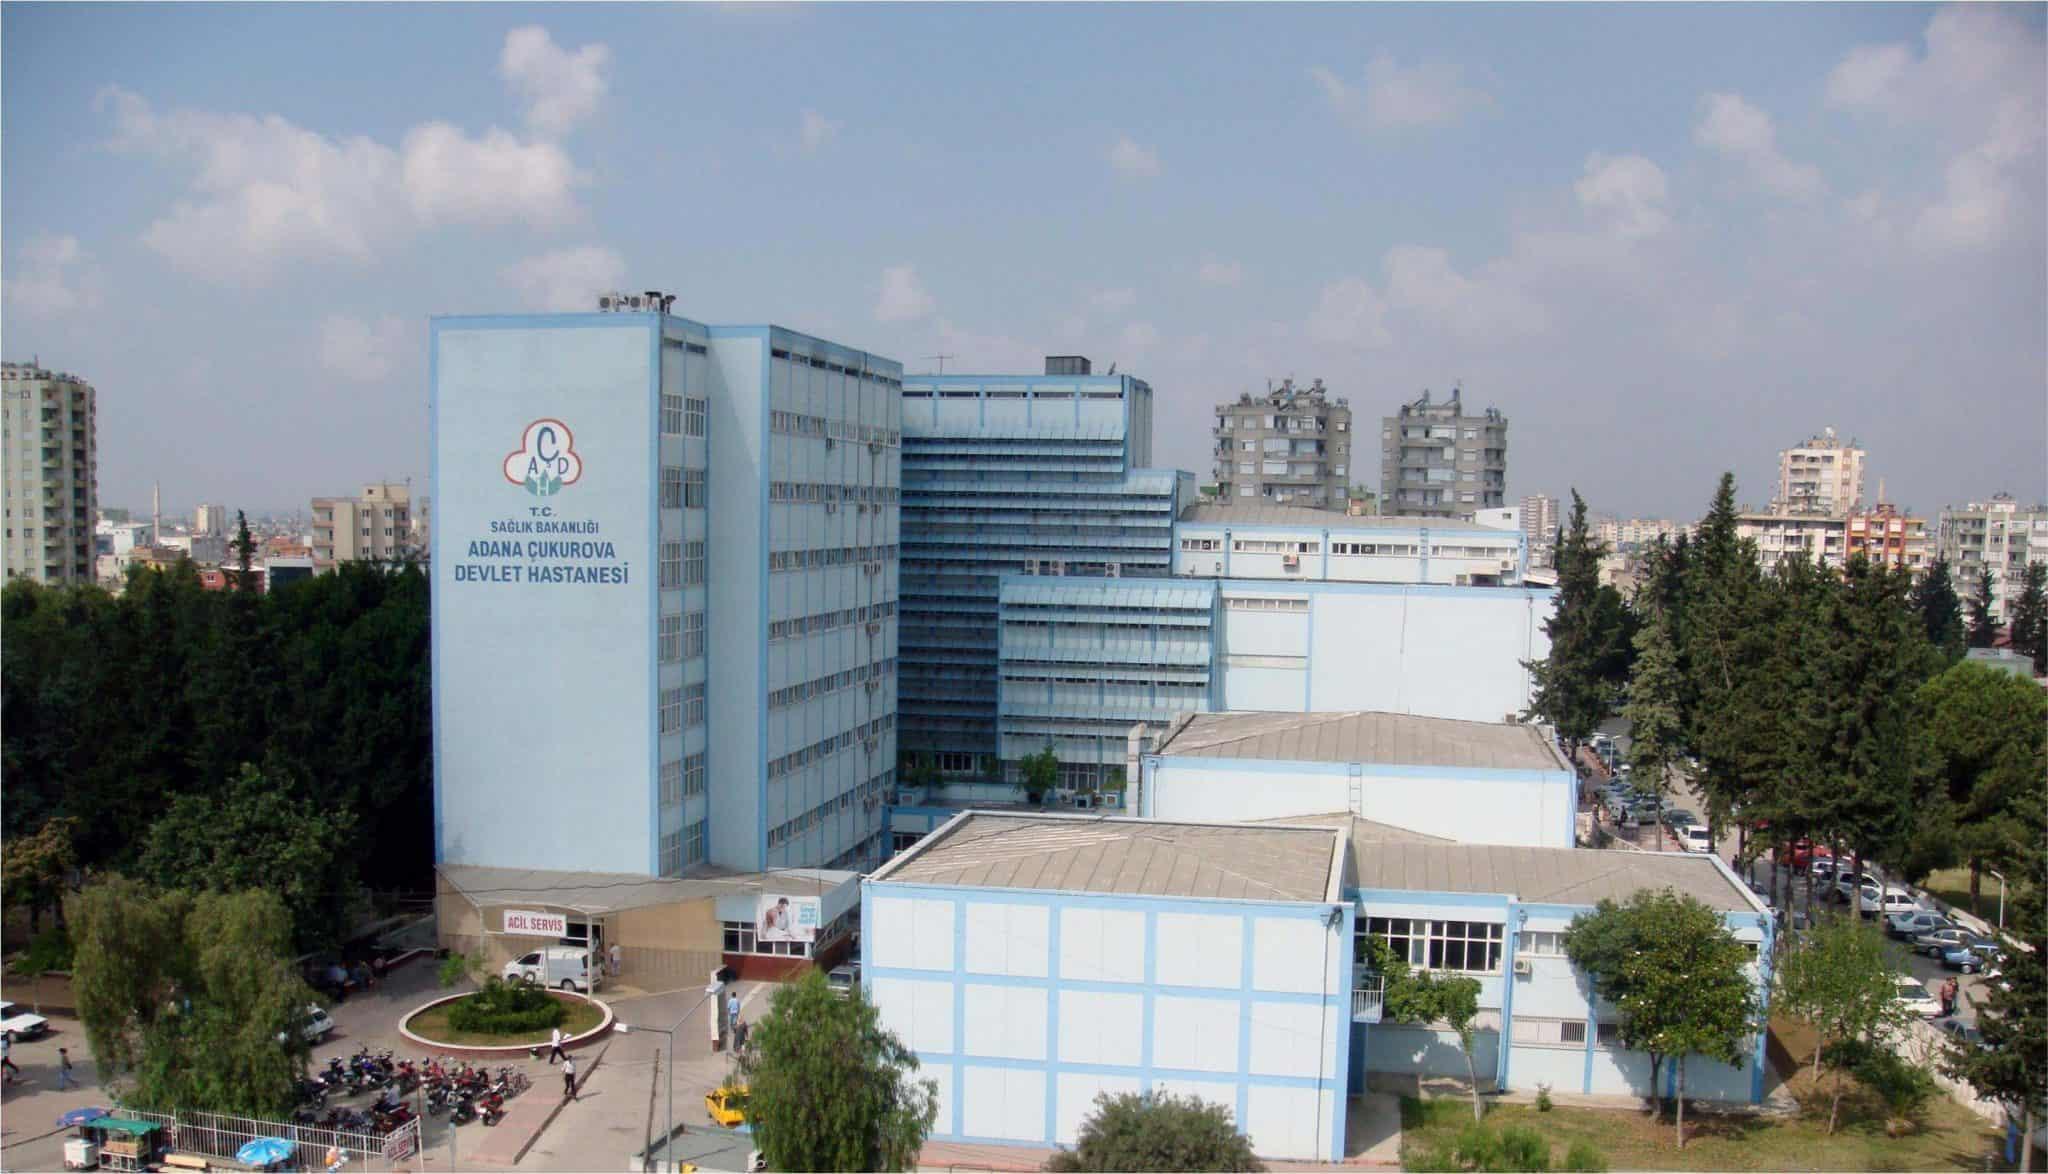 Dr. Aşkım Tüfekçi Devlet Hastanesi